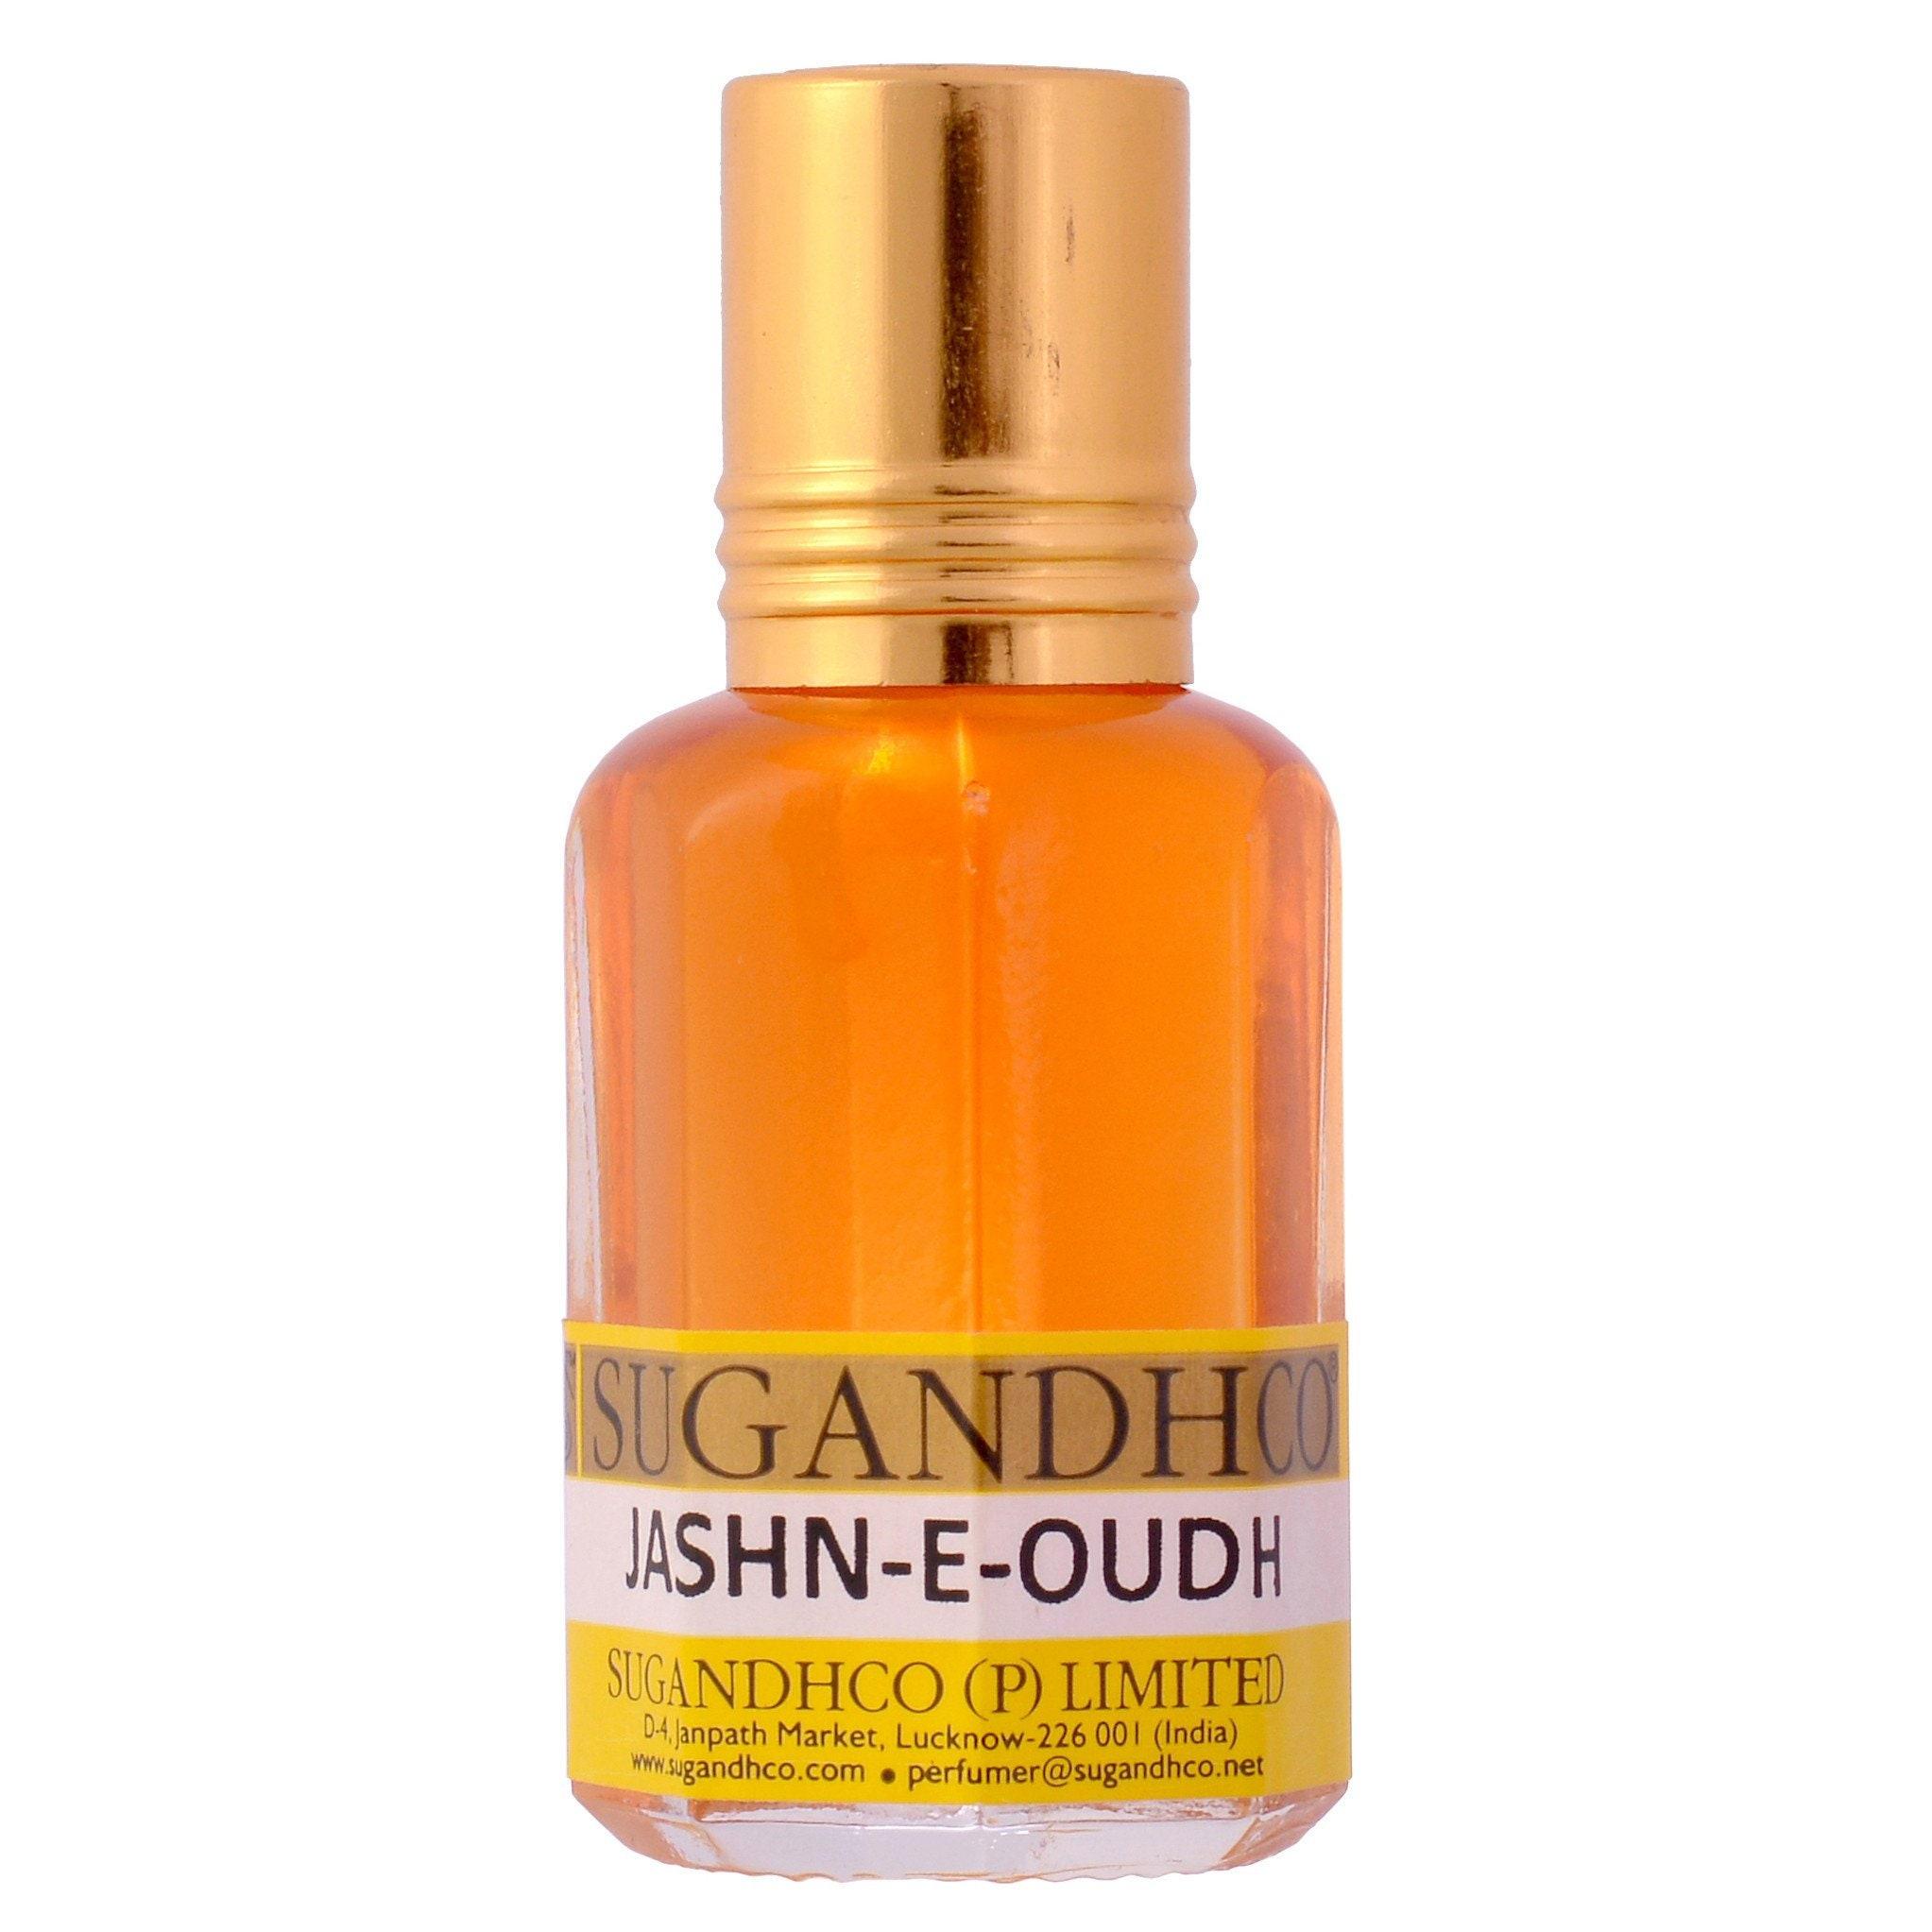 Sugandhco Jashn-e-oudh Attar 10ml concentré de parfum à